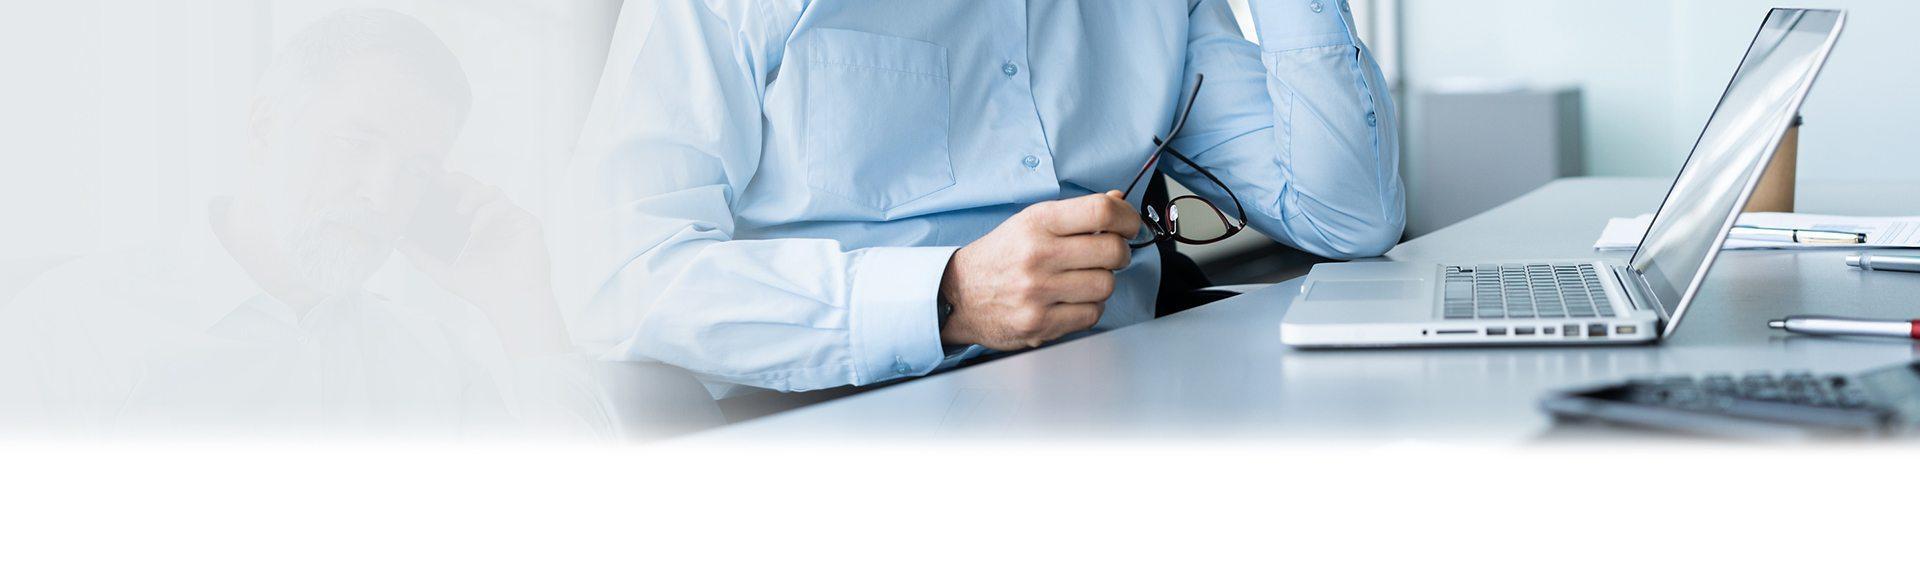 Mężczyzna przed laptopem trzymający okulary